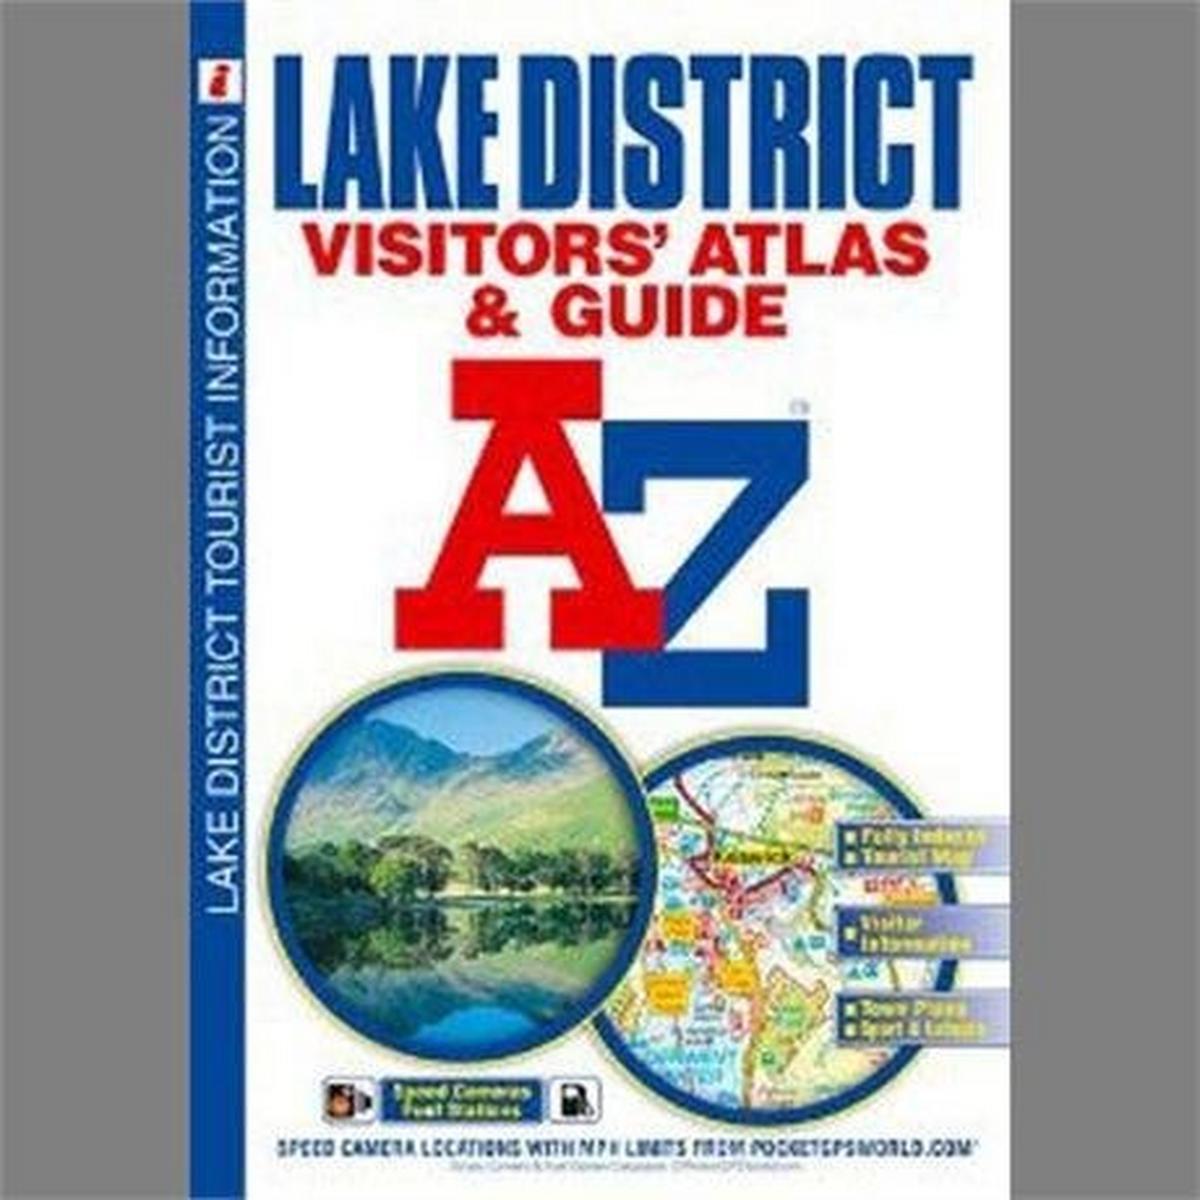 Miscellaneous A-Z Lake District Visitors' Map